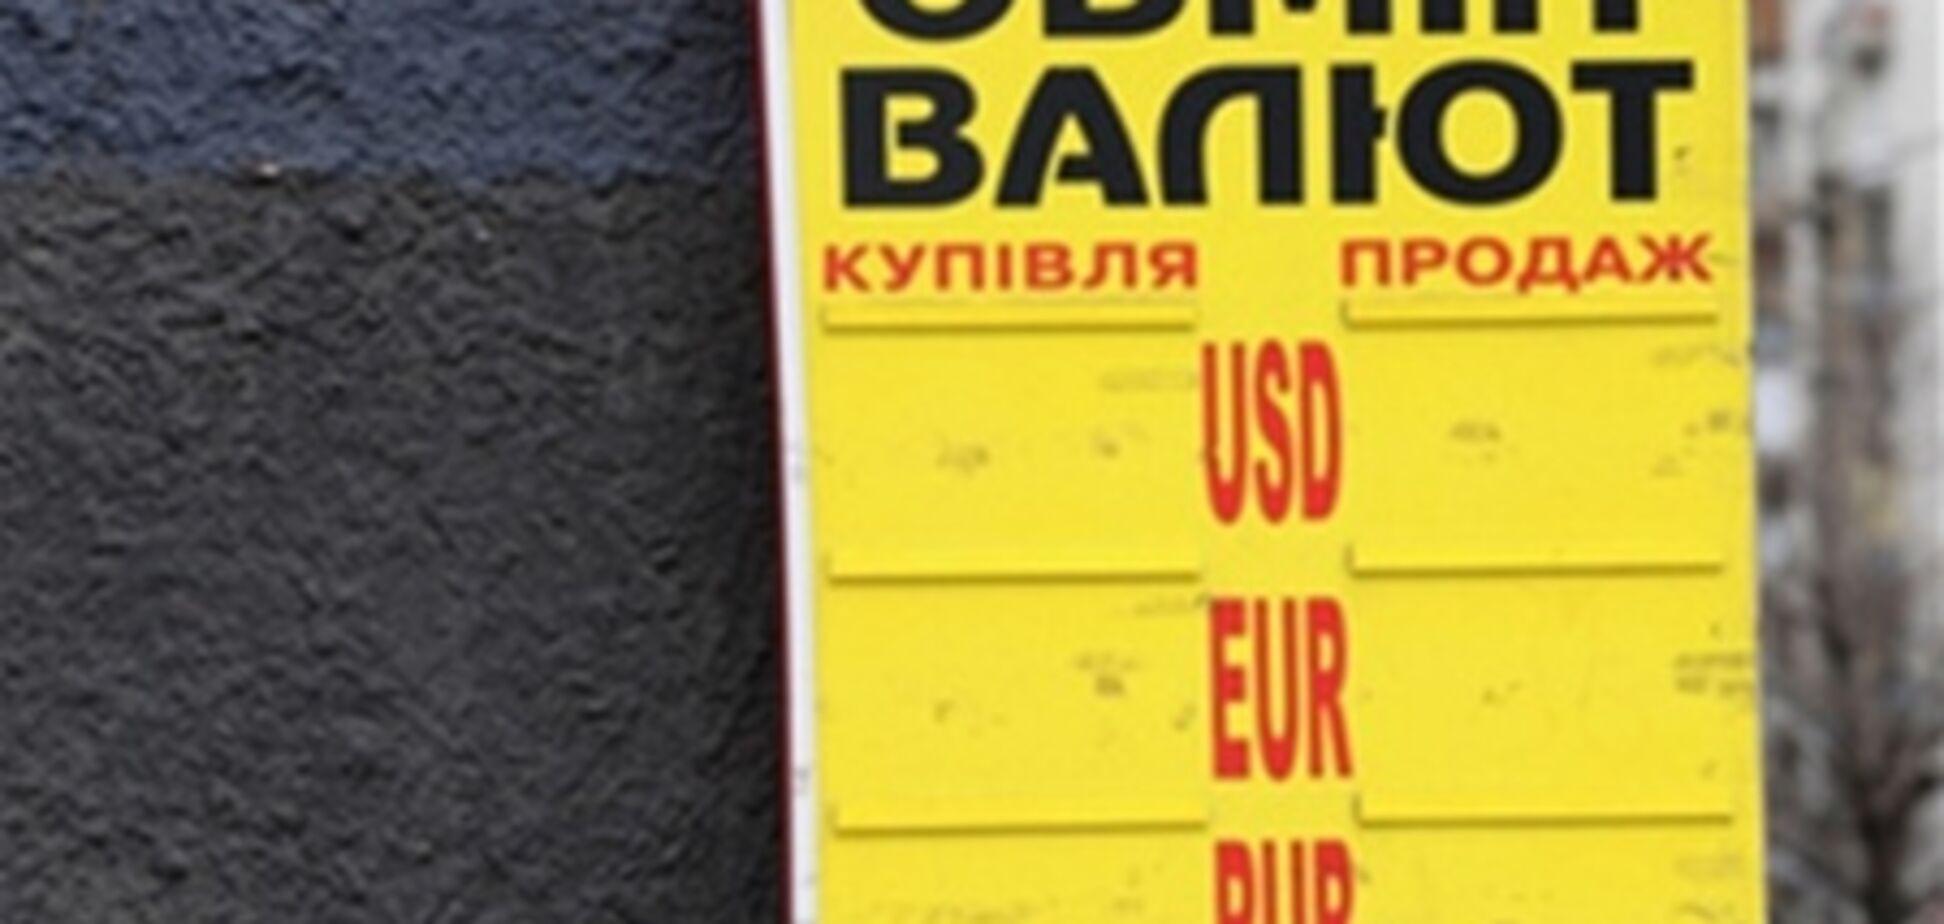 В центре Киева напали на обменник